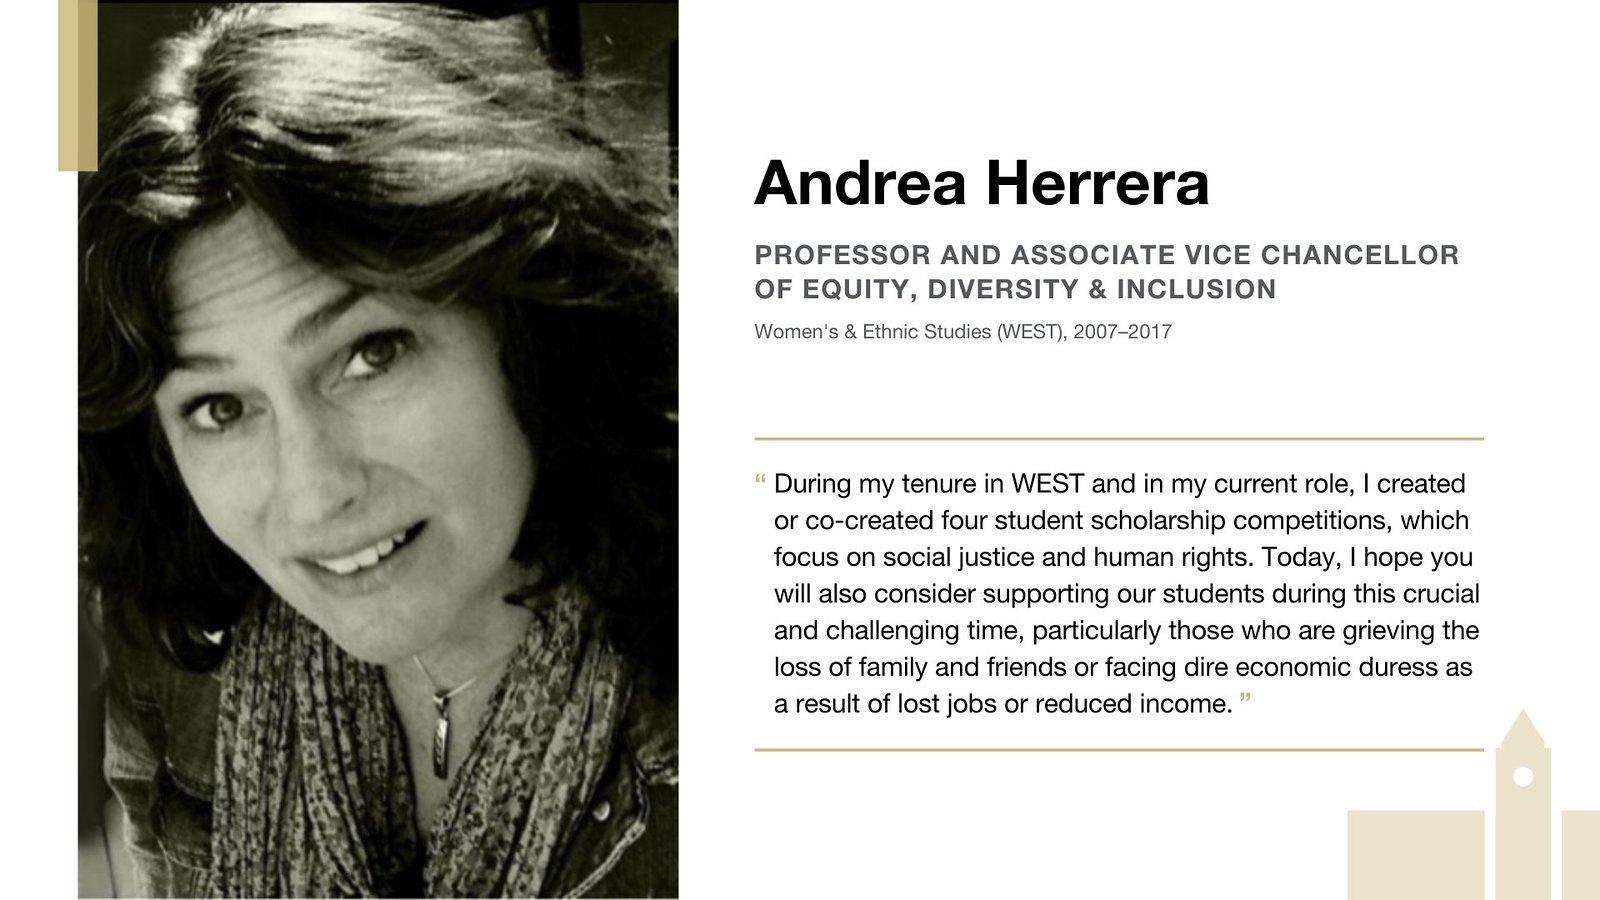 5-Andrea Herrera